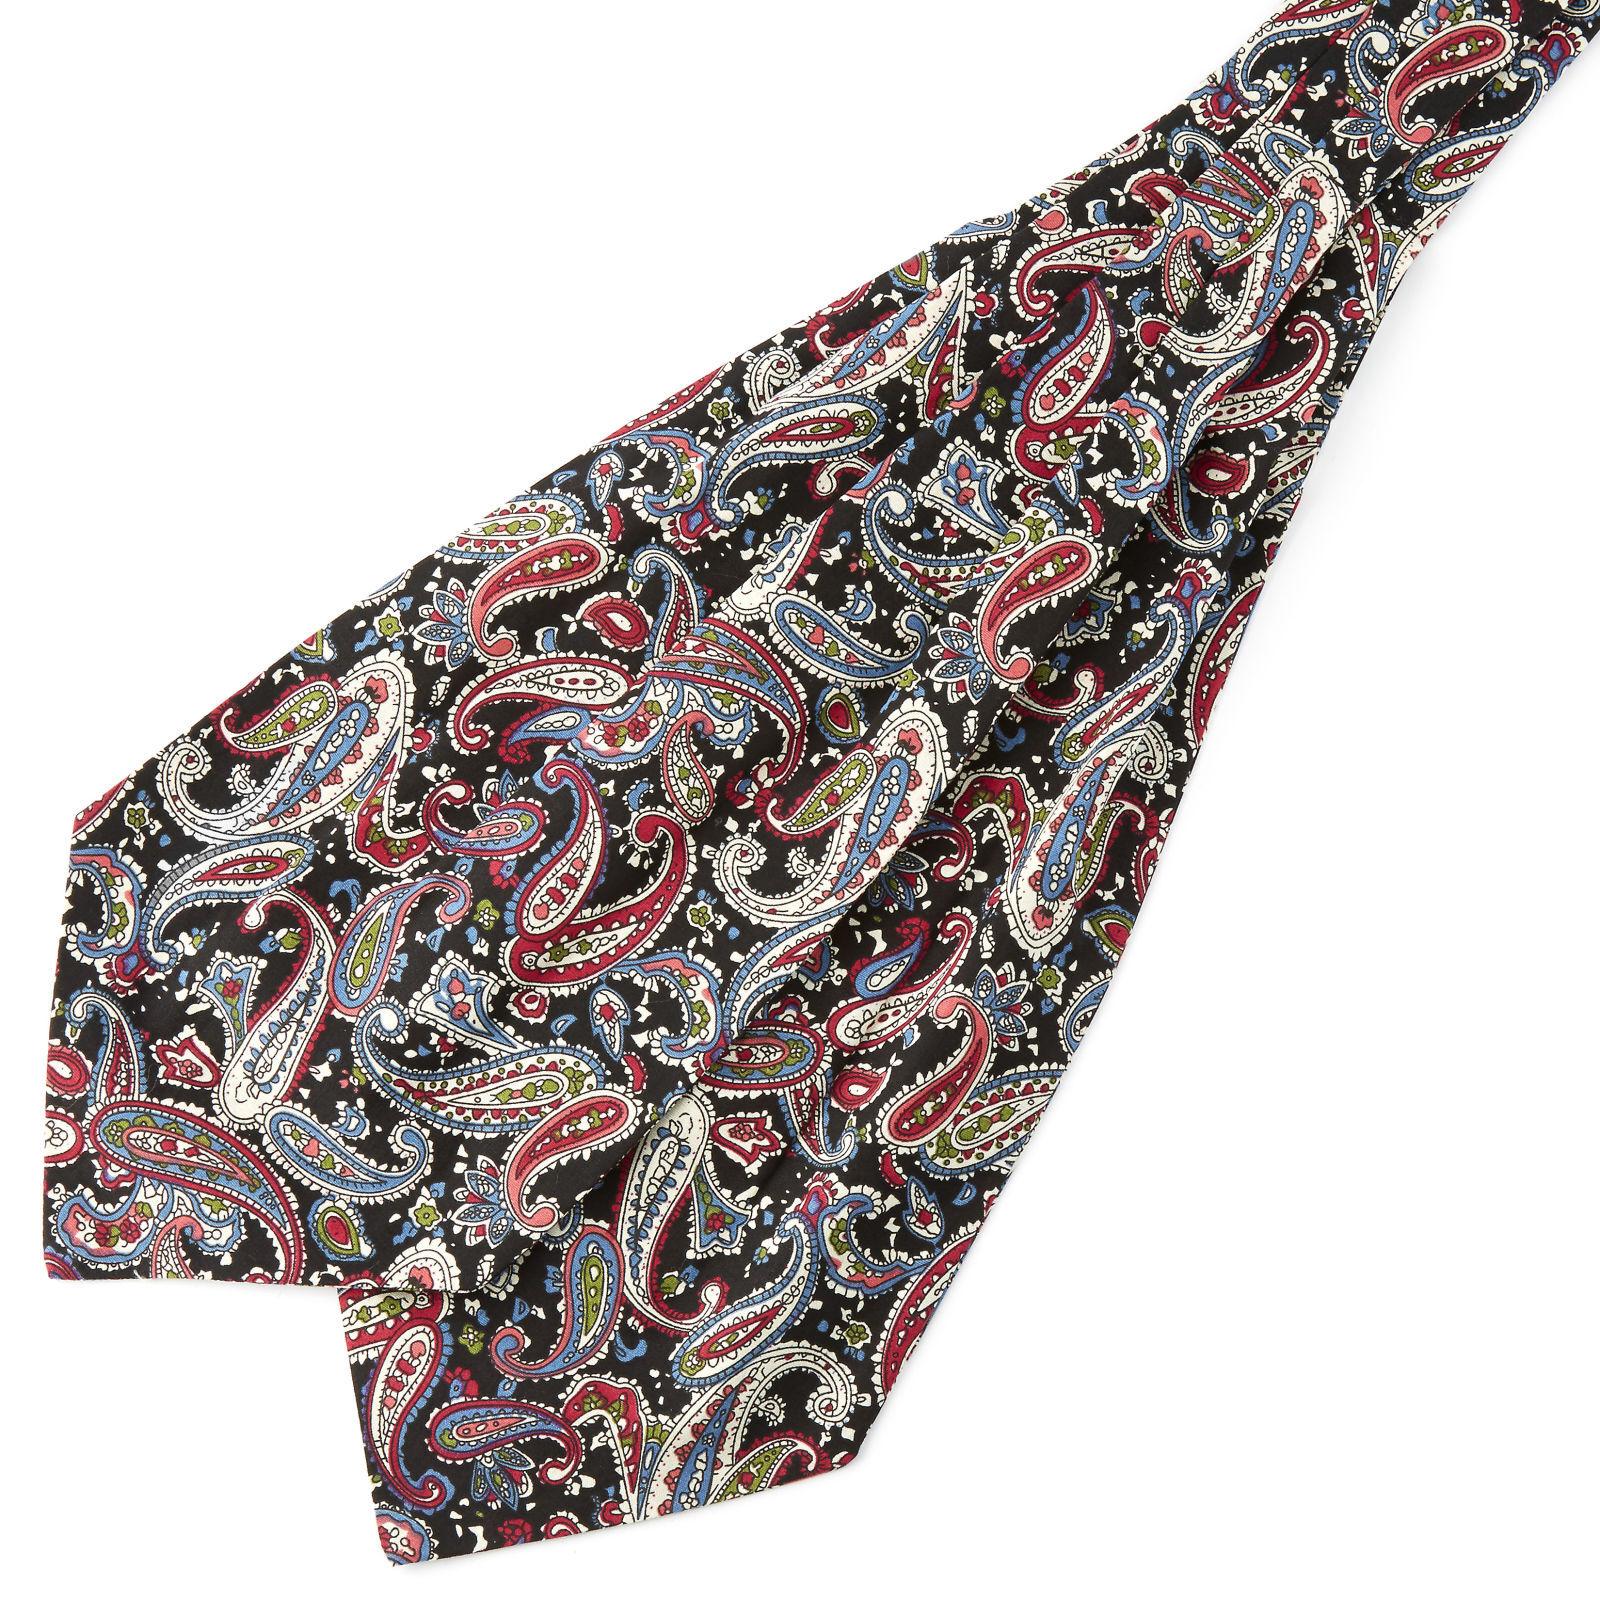 Tailor Toki Monivärinen & musta kasmirkuvioinen puuvilla ascot-solmio